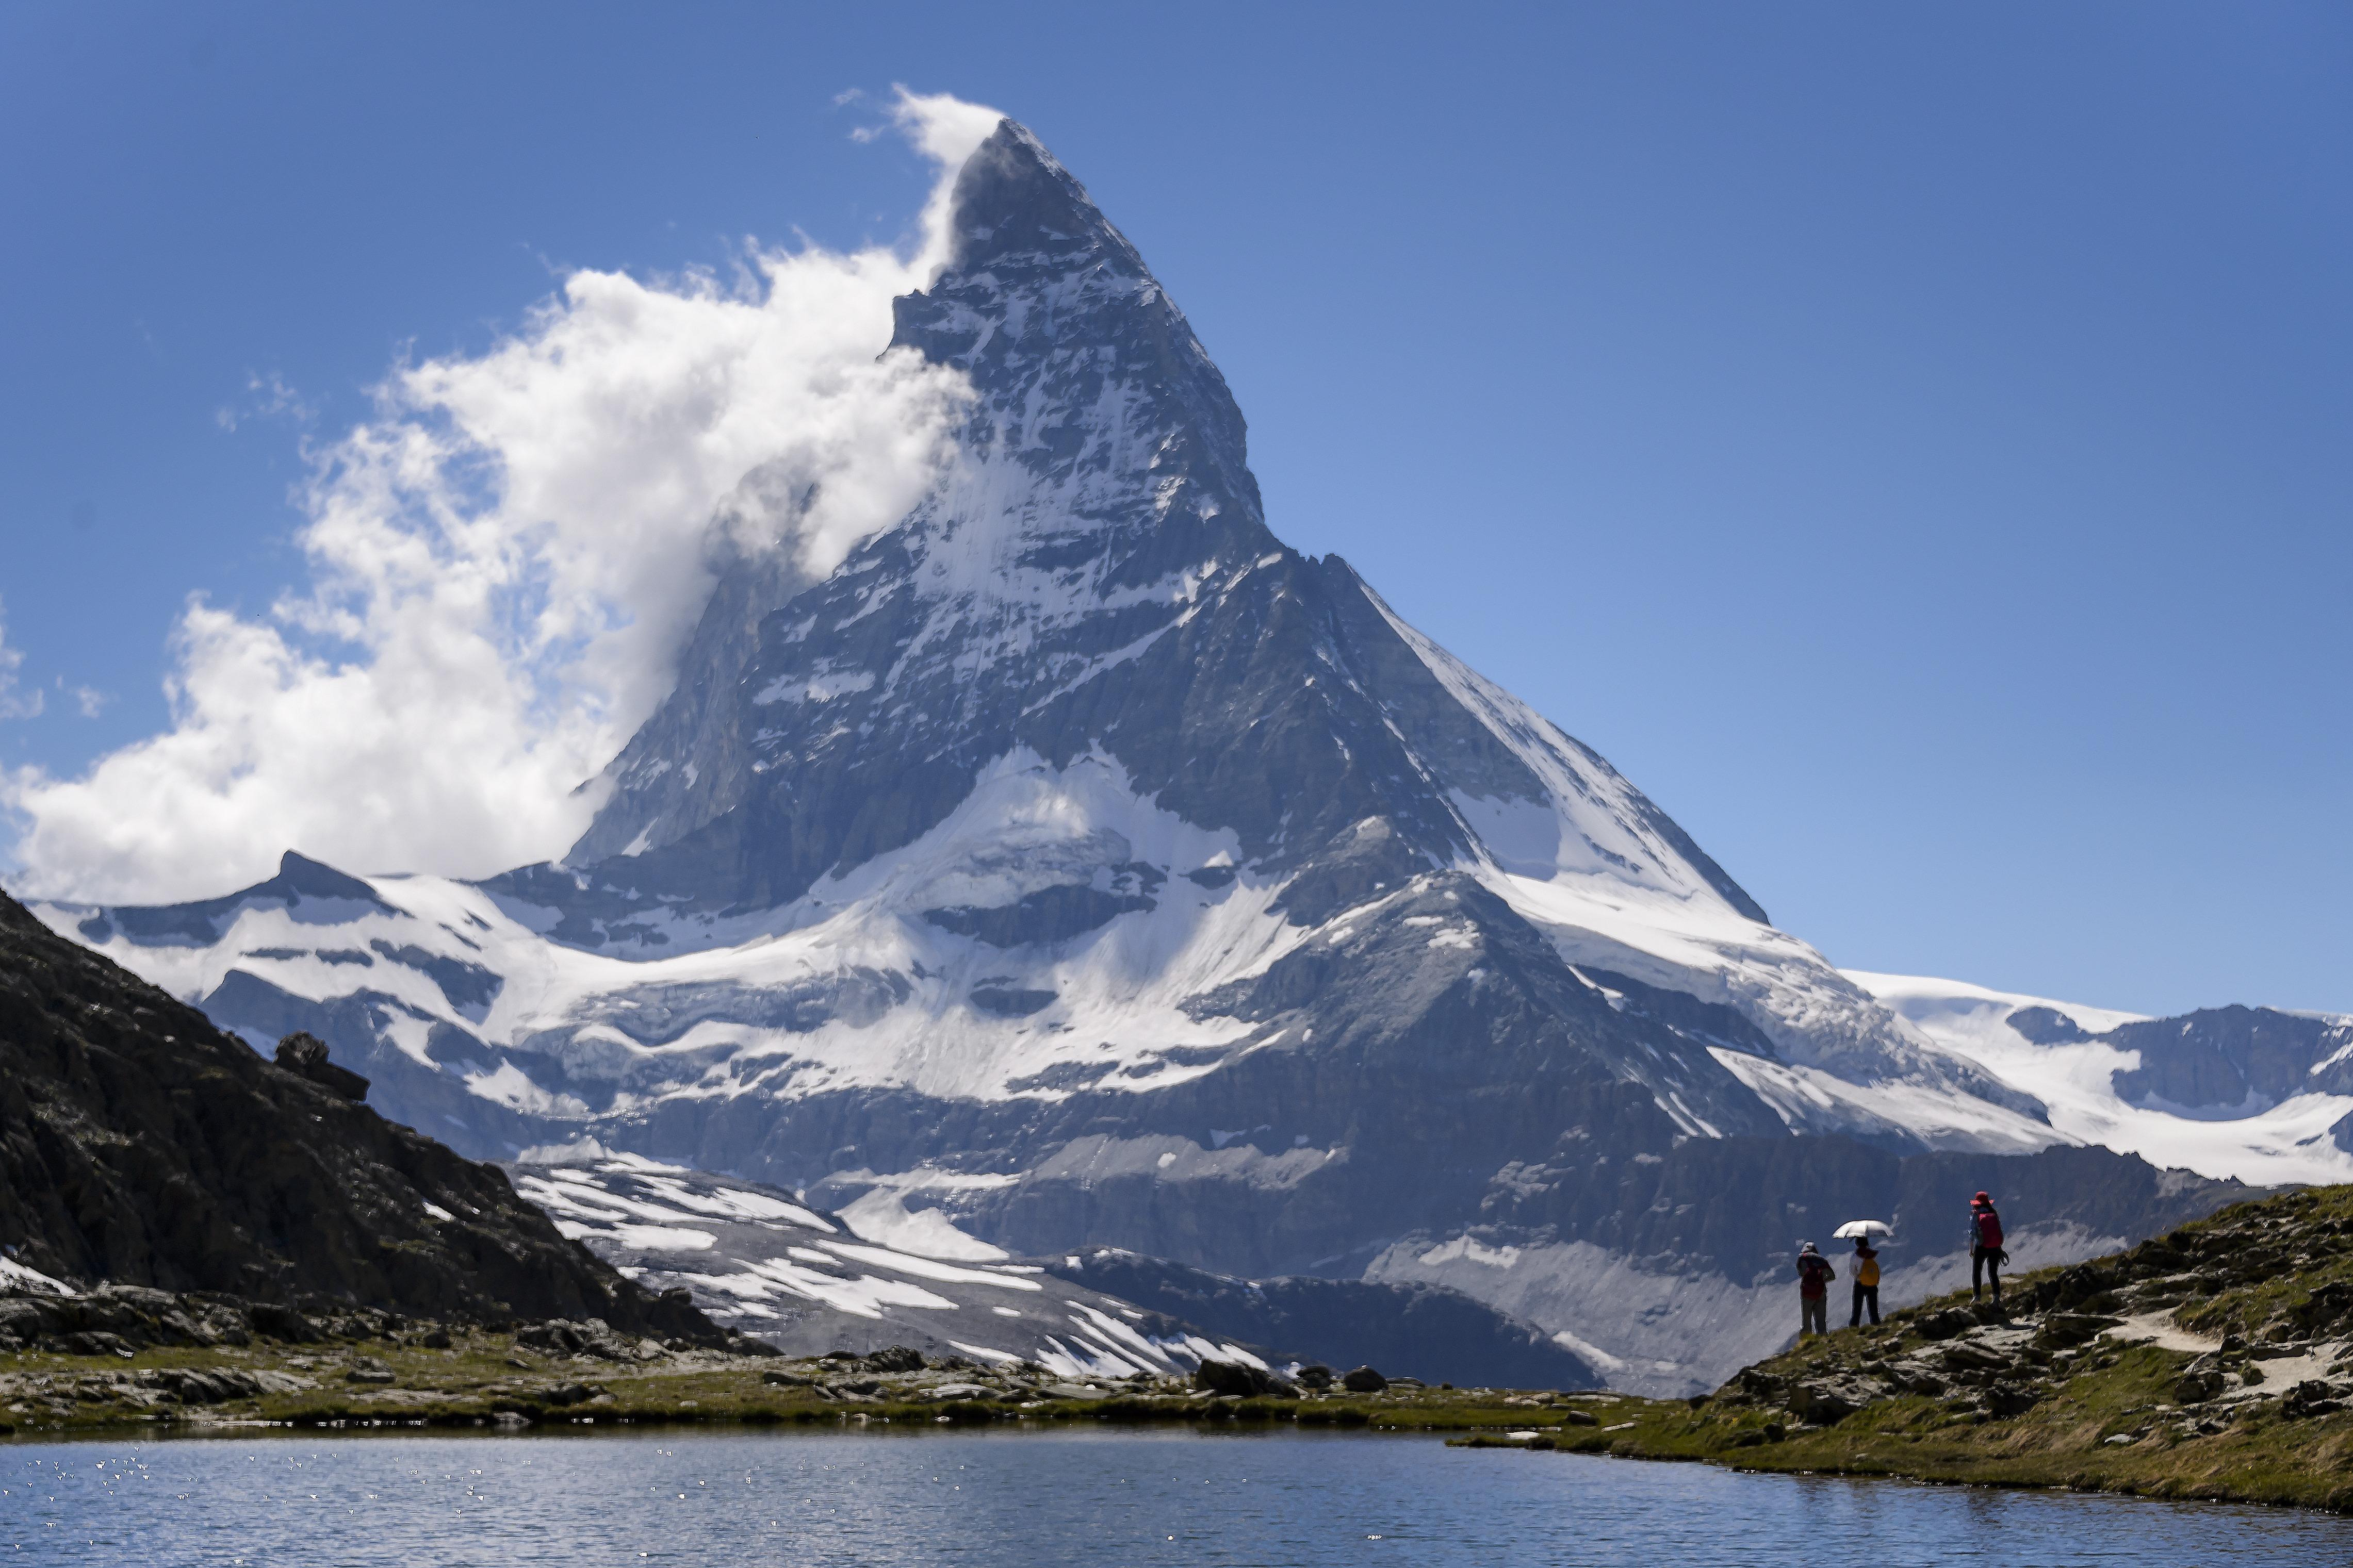 Neue Seilbahn fährt zur höchsten Bergstation Europas in Zermatt